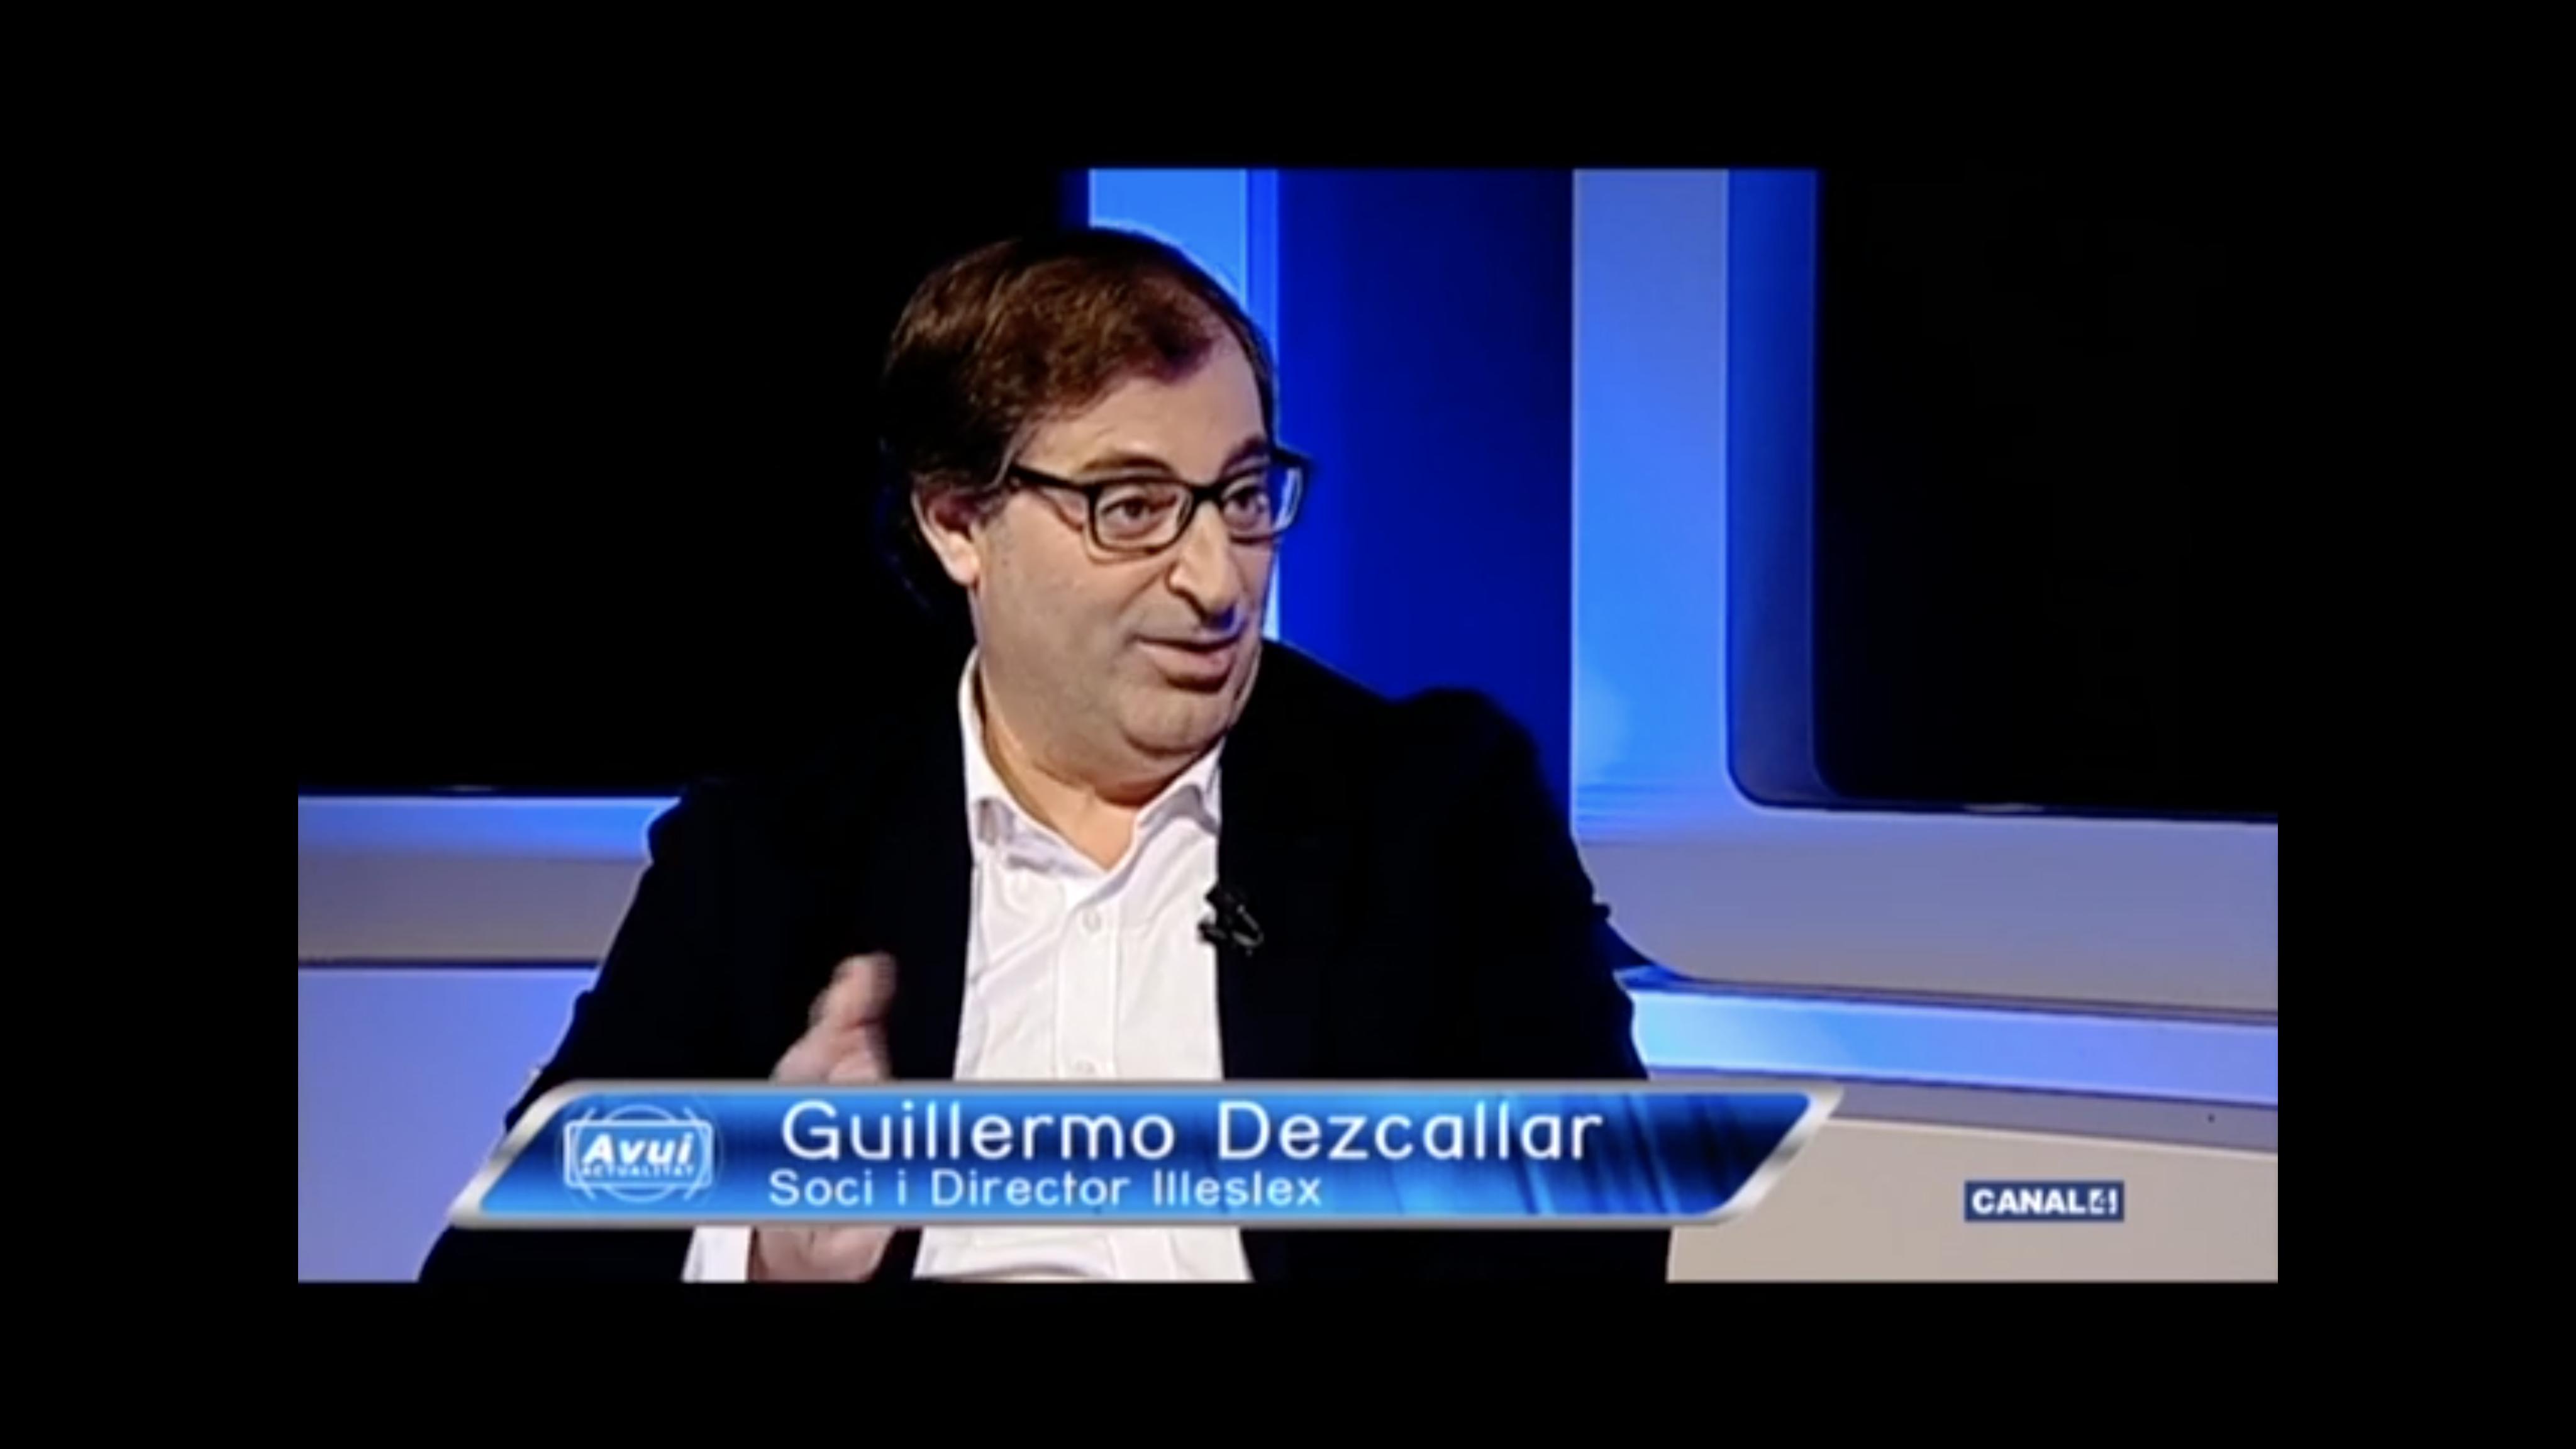 Guillermo Dezcallar, entrevistado en Avui Actualitat de Canal4 TV